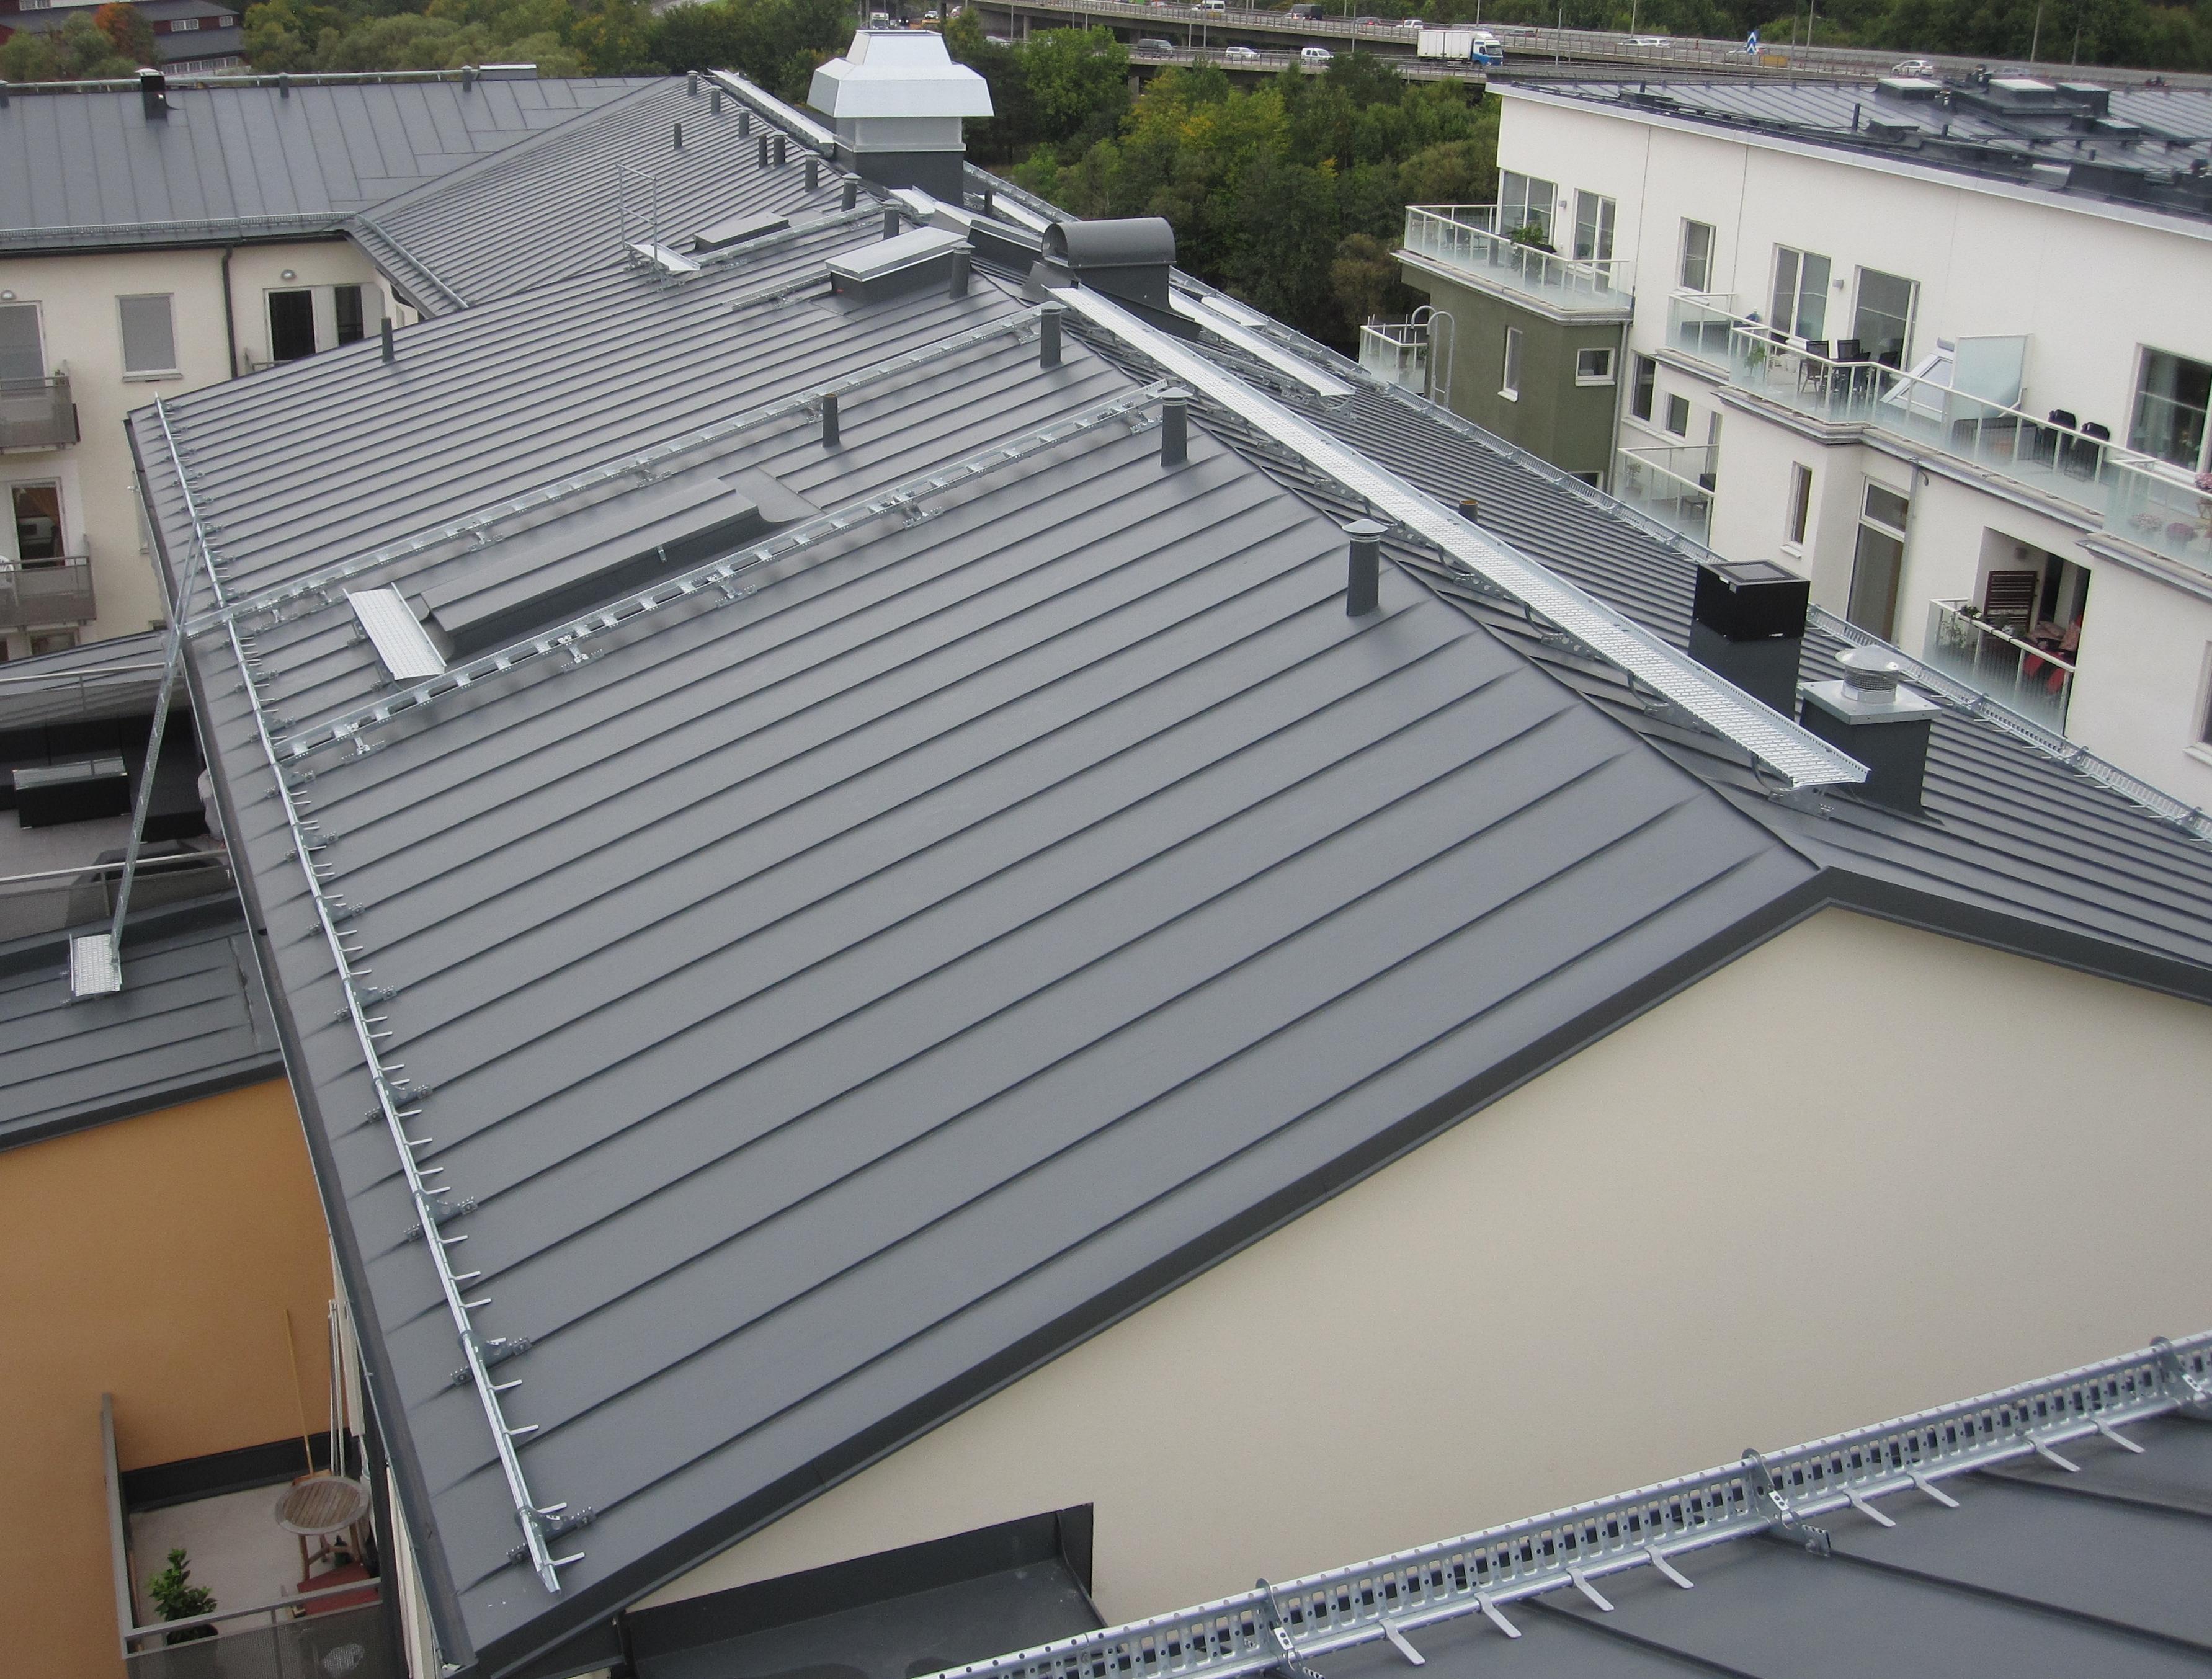 Bild 8:14. Vid långa band är det viktigt att det finns rörelsemån såväl vid taknock som vid taksprång. Foto: Torbjörn Osterling.